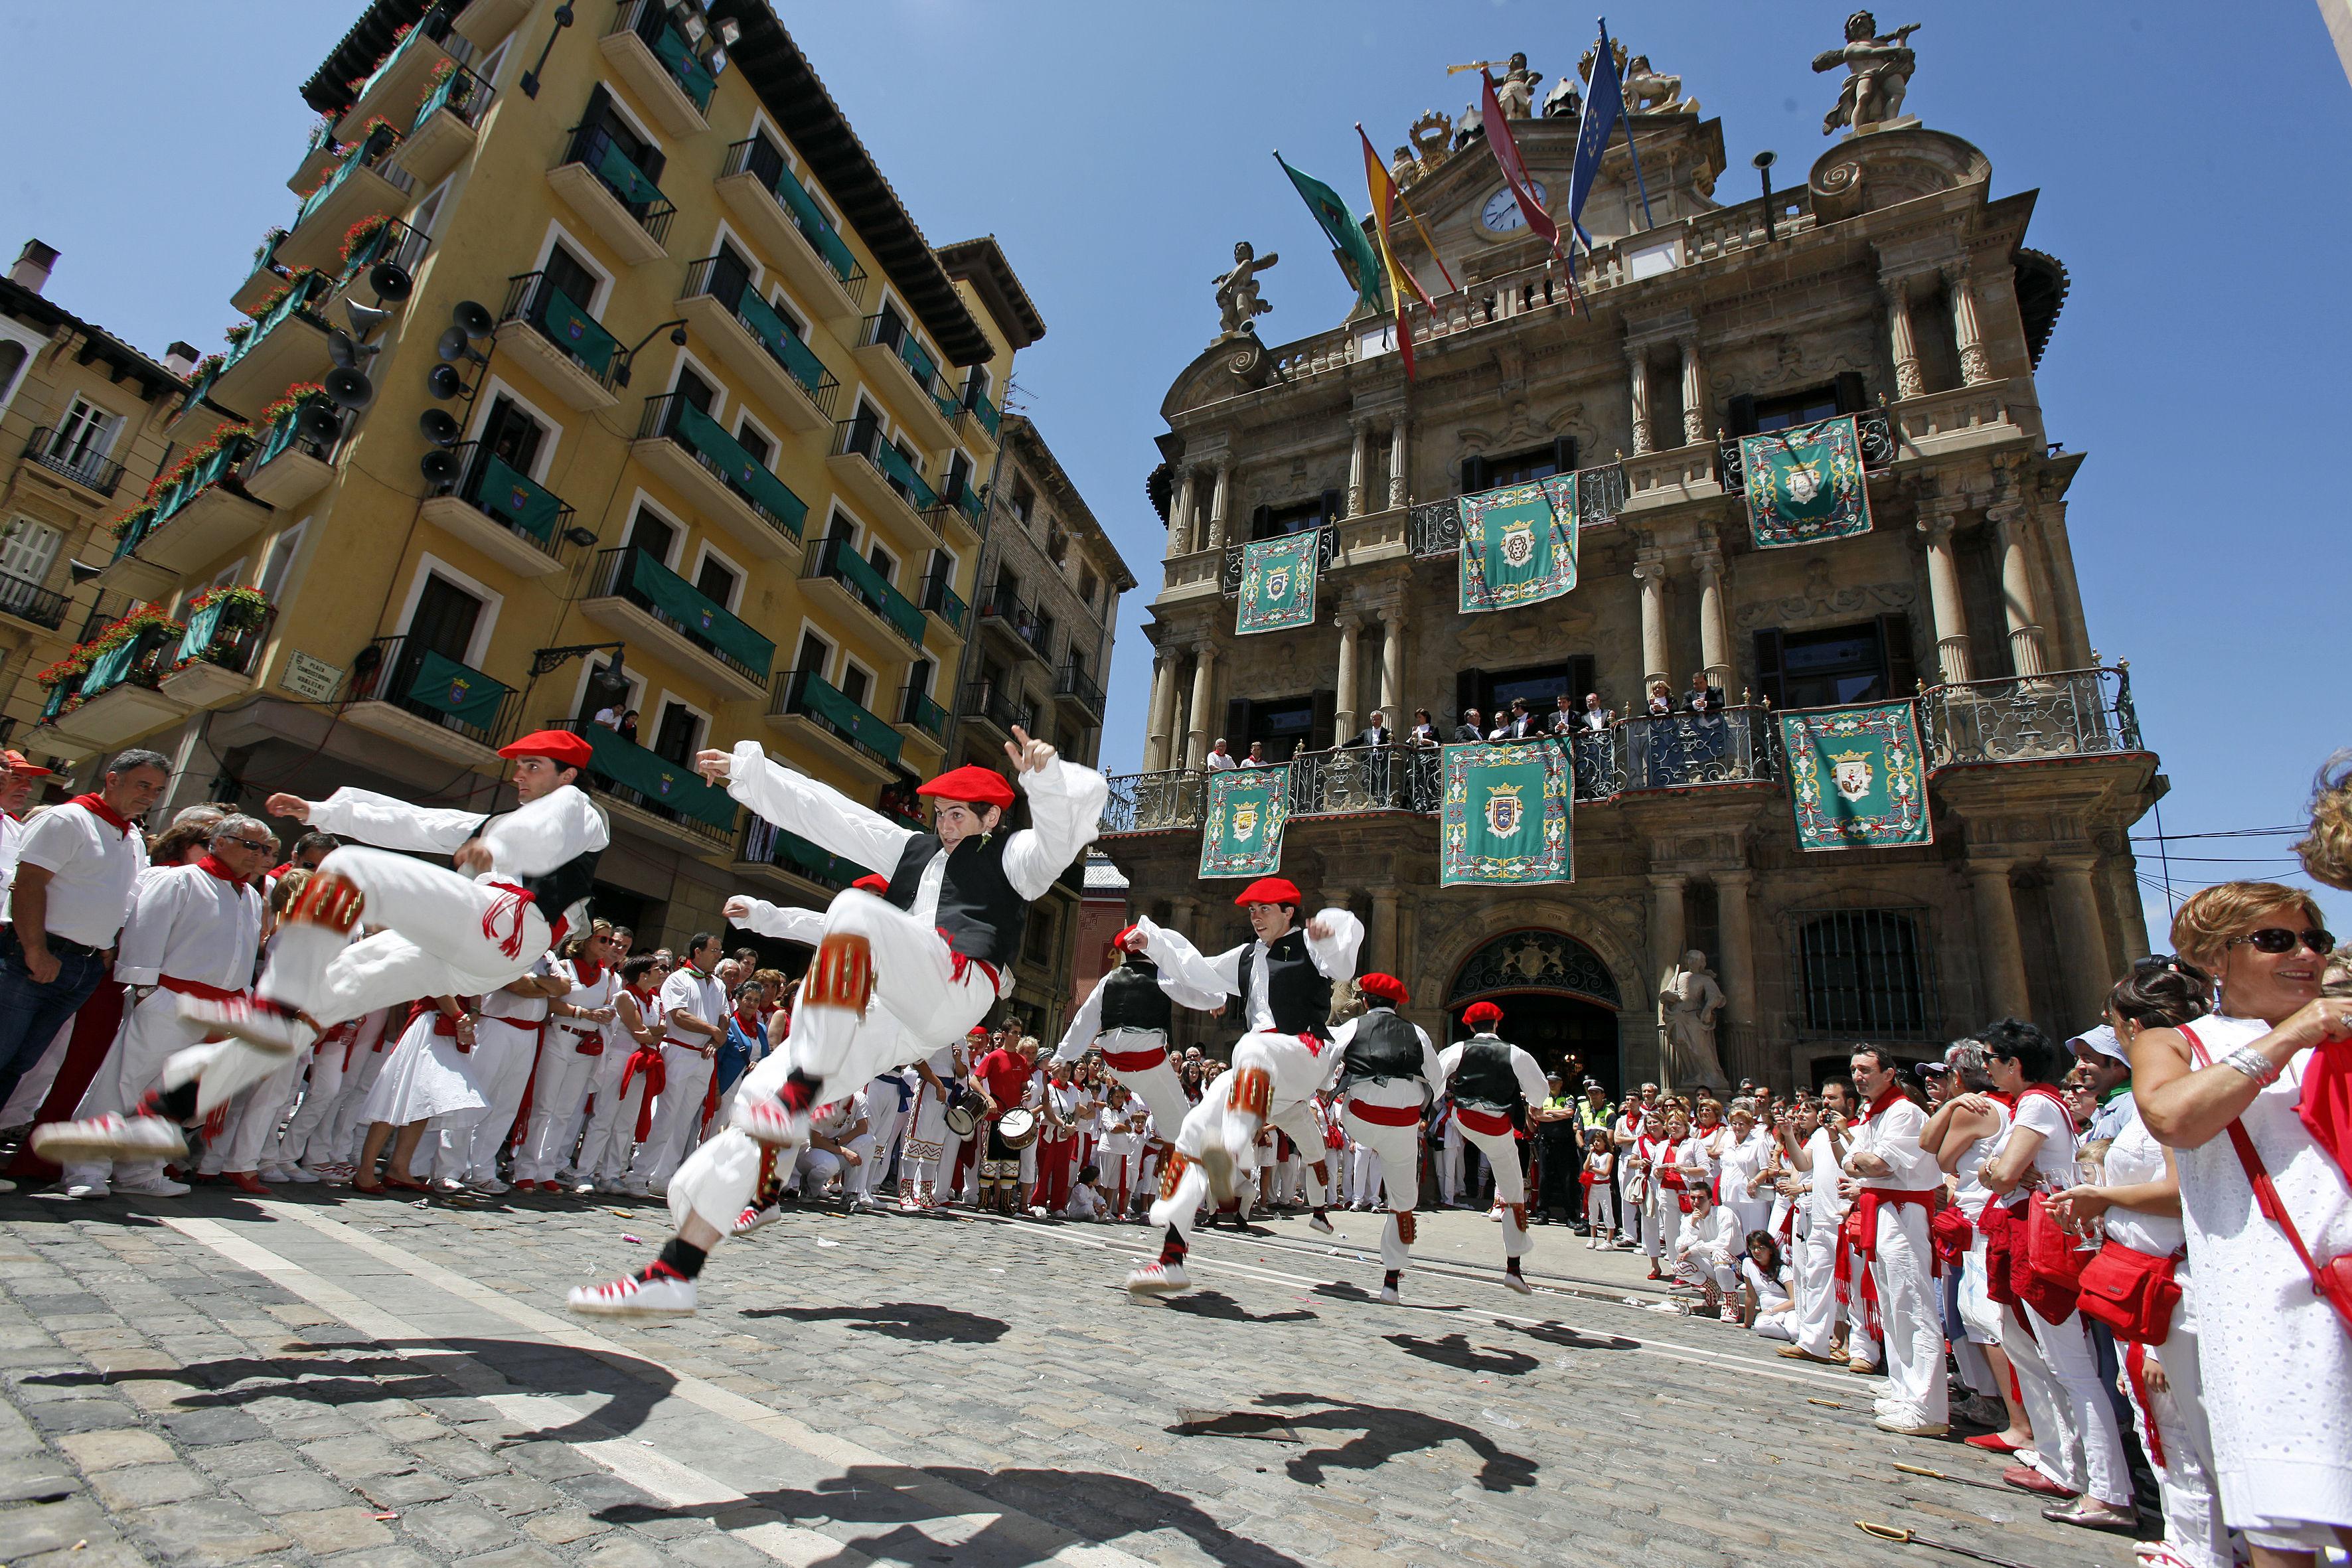 Vayamos a lo cultural, ¿hay muchas fiestas en tu ciudad?